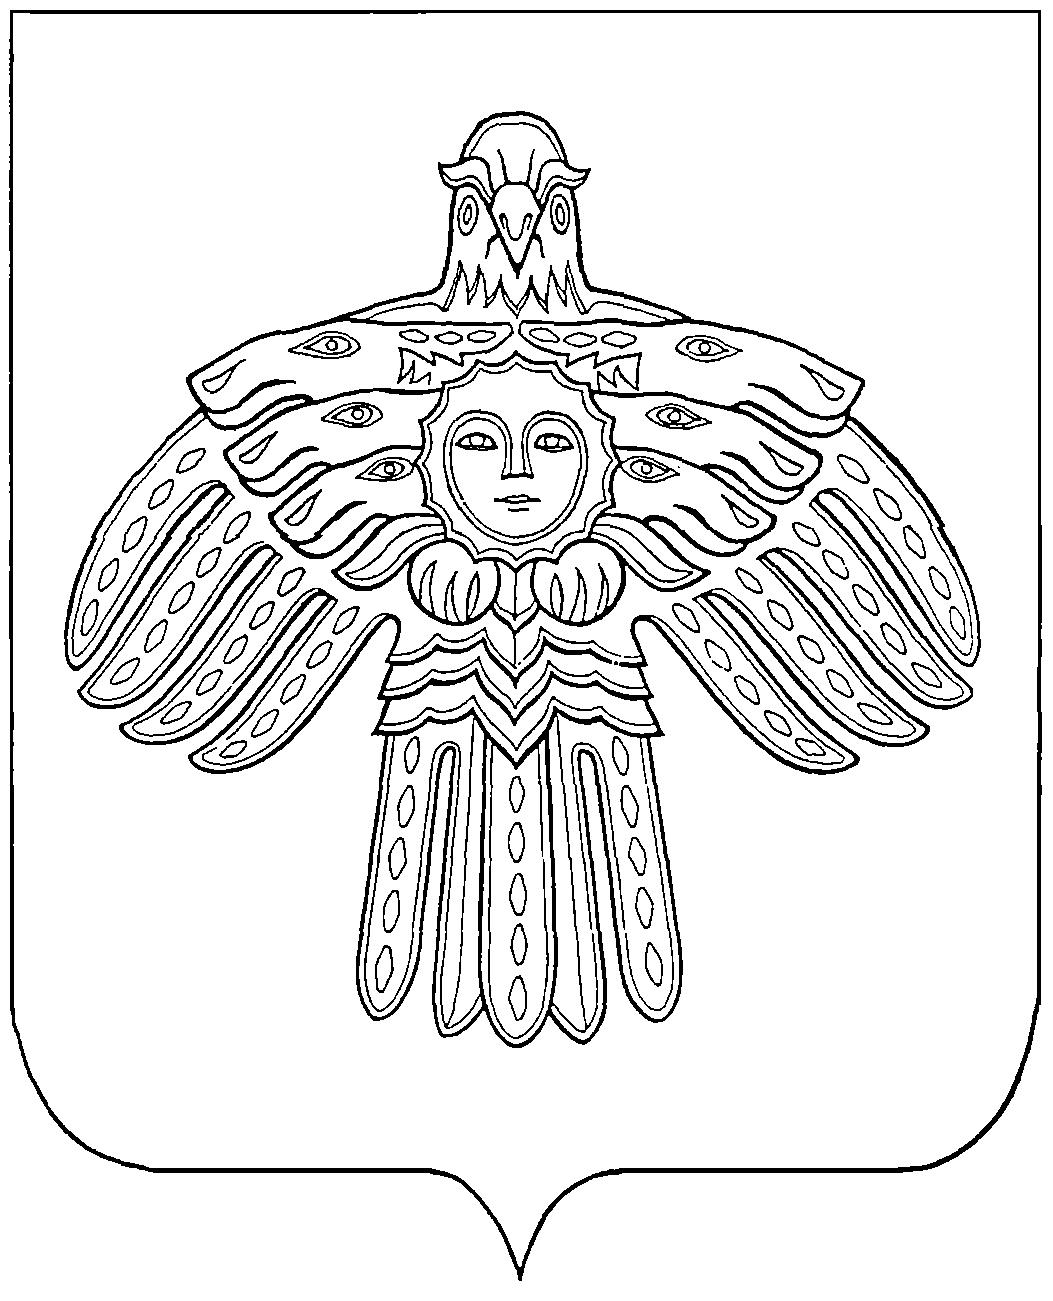 Раскраски республики коми